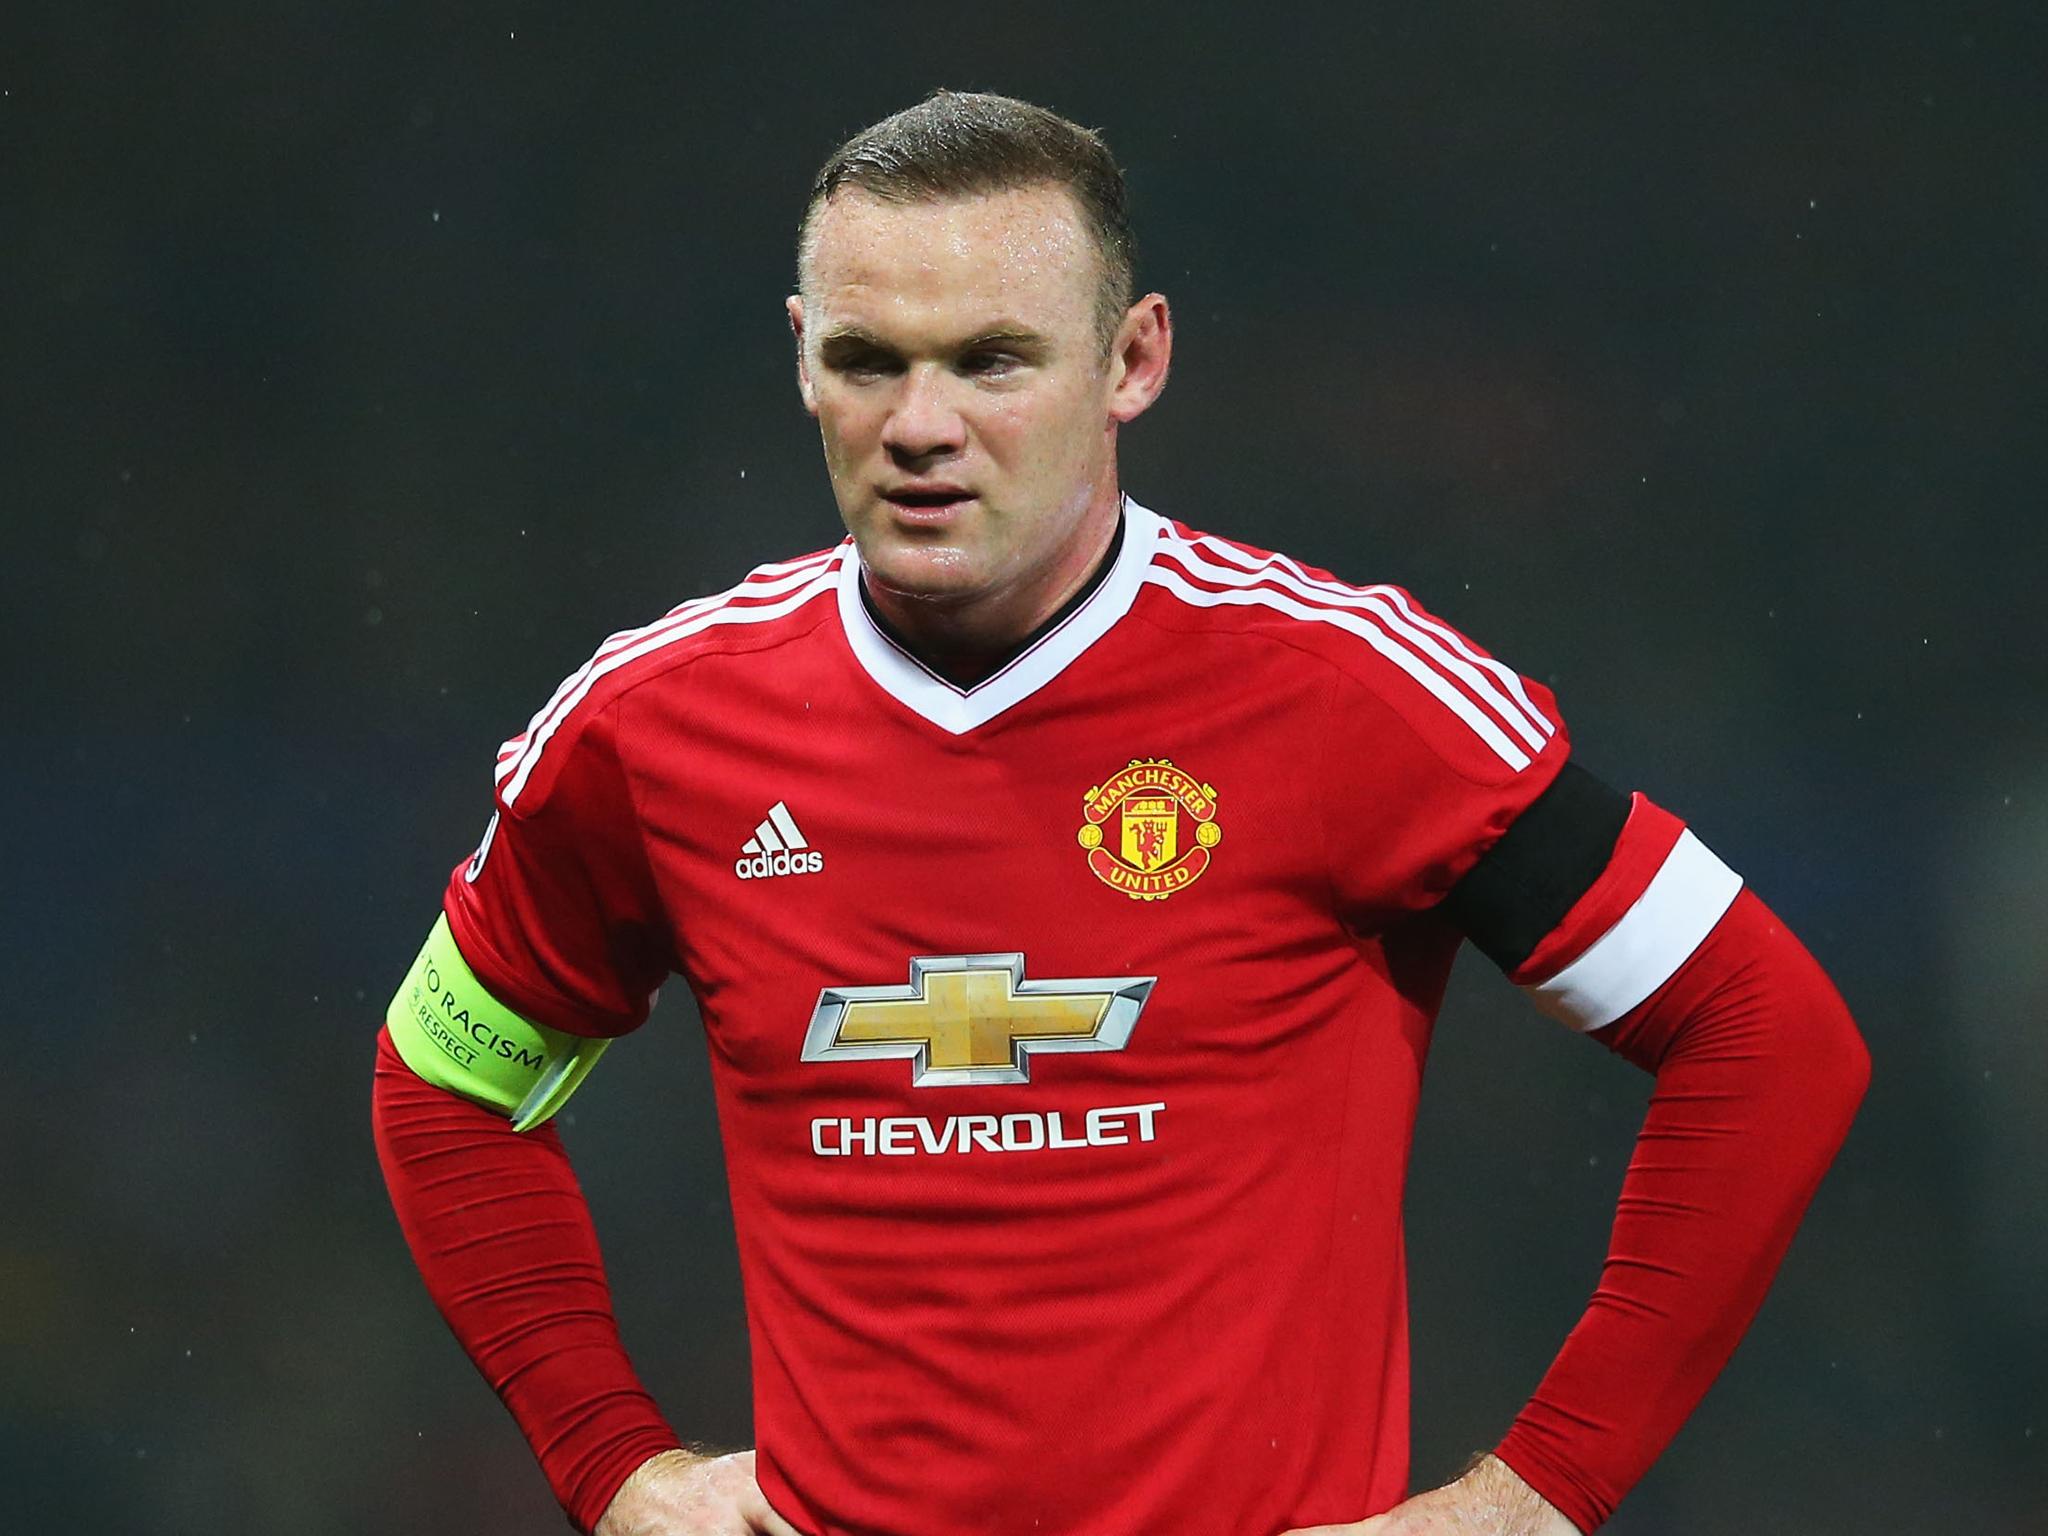 Rooney khiến các CĐV choáng váng với bàn thắng đáng nhớ